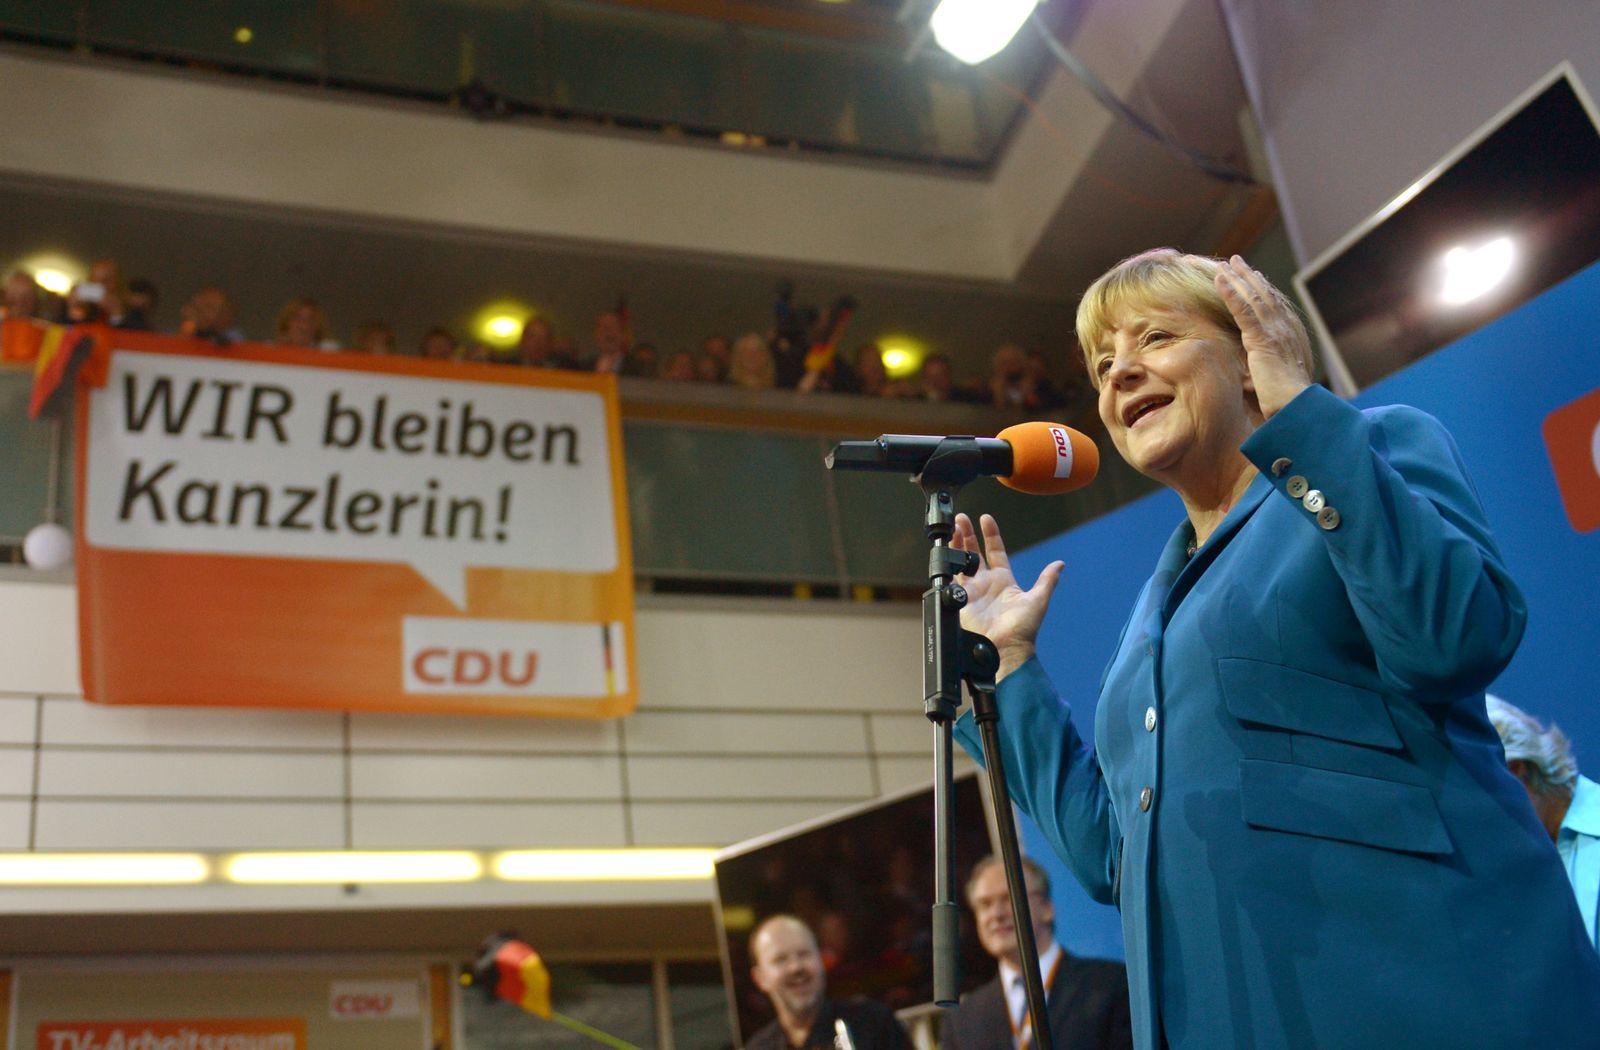 Bundestagswahl 2013 Merkels Sieg